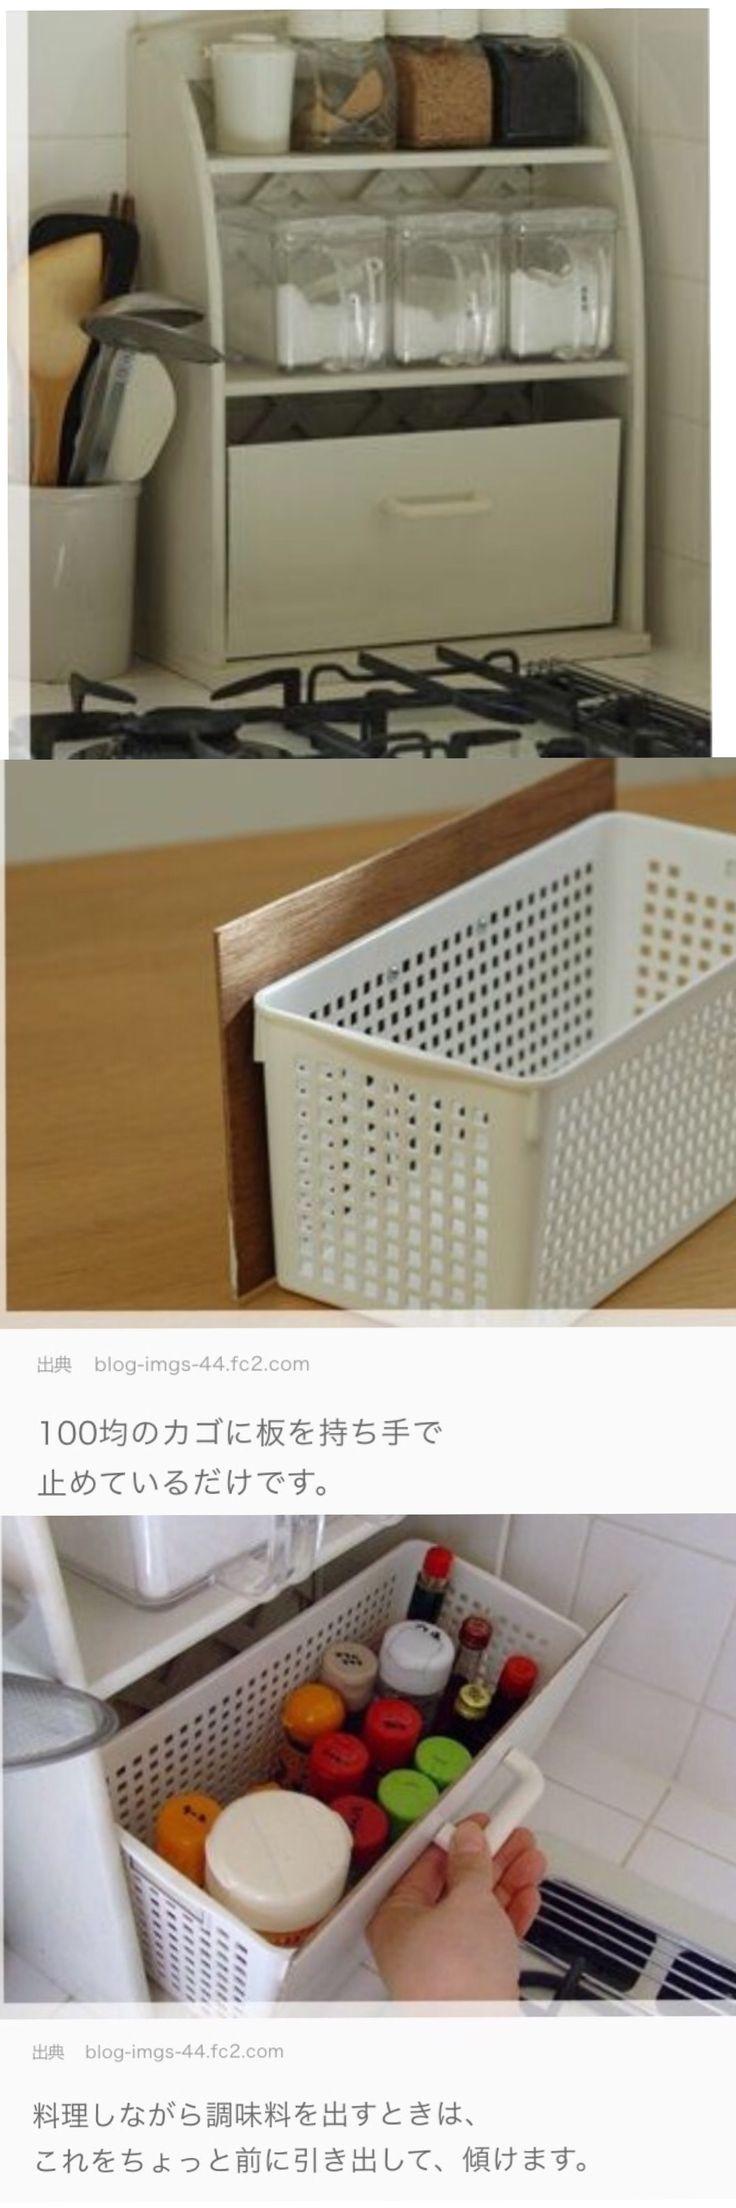 http://matome.naver.jp/m/odai/2132959401879734201?page=5